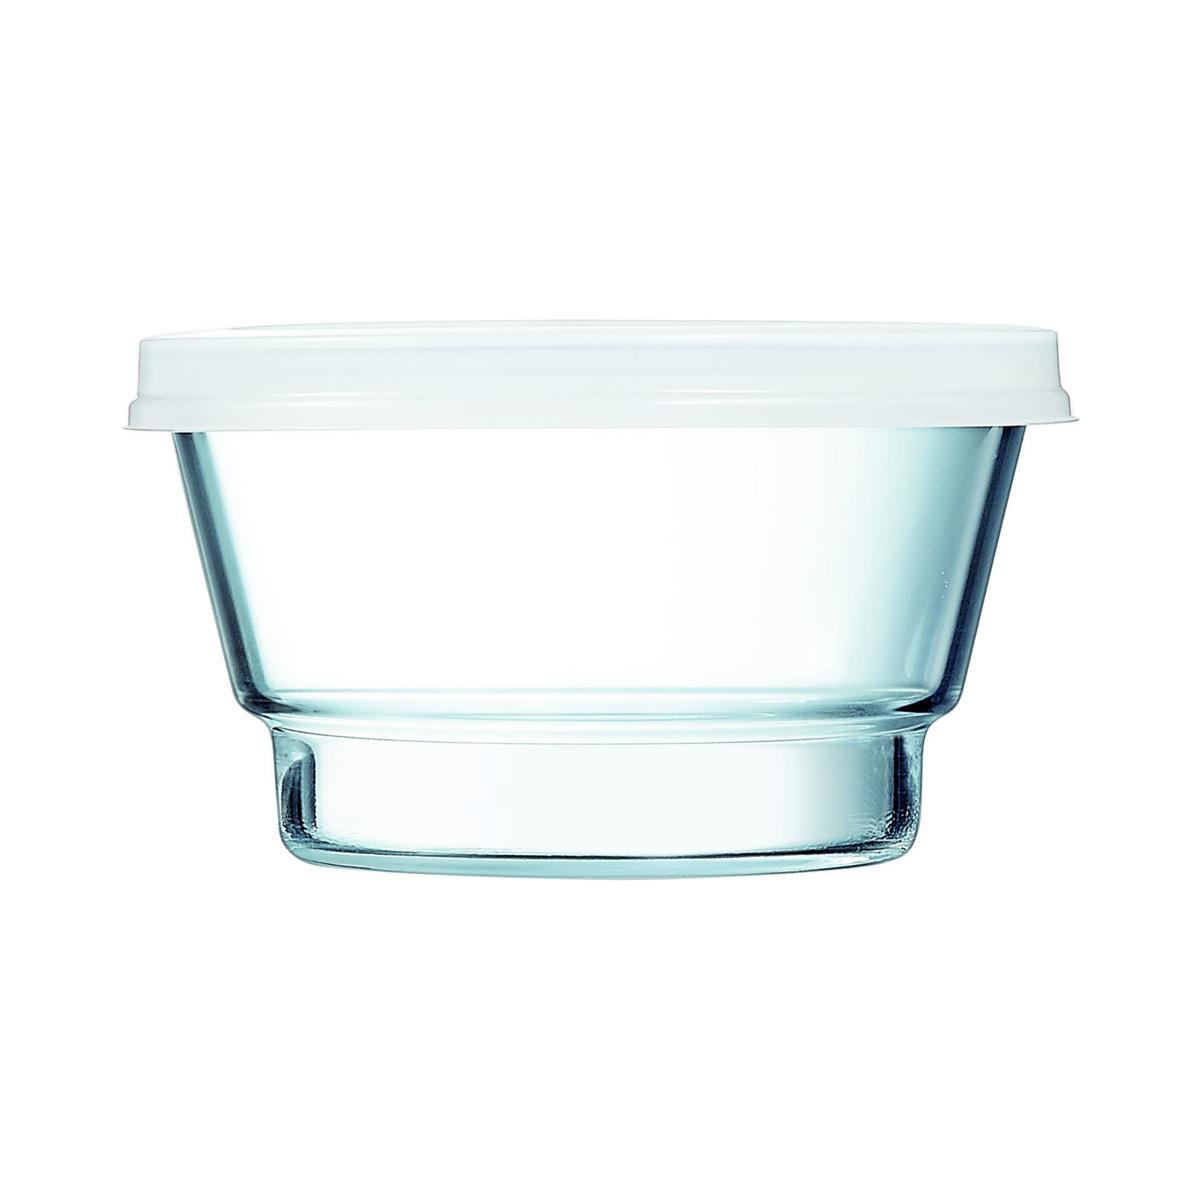 Bol avec couvercle rond transparent verre 80 cl Ø 140 mm So Urban Arcoroc